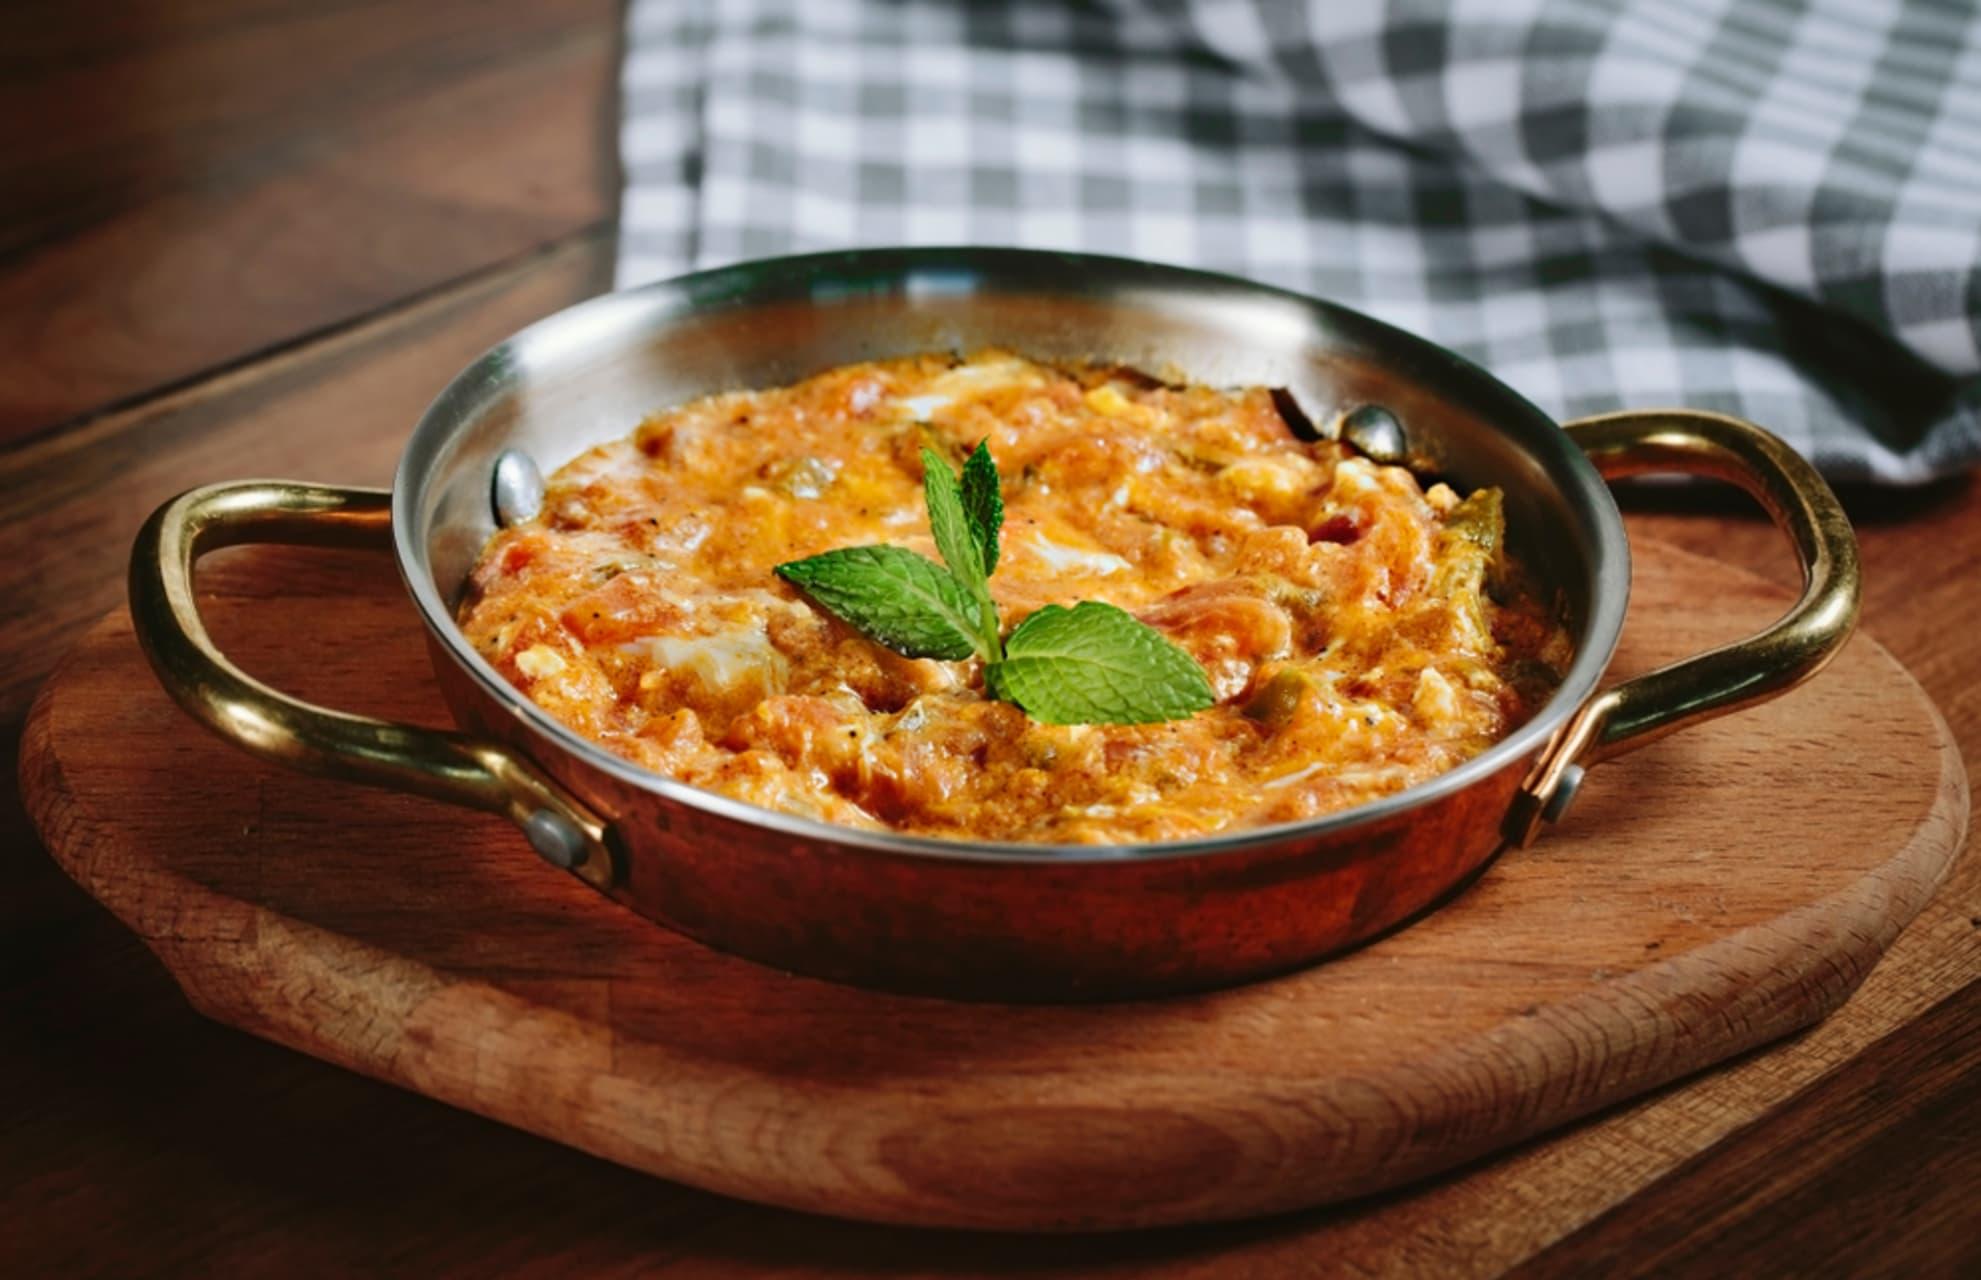 Skopje - Skopje - Cooking Class: The Best Veggie Breakfast Ever